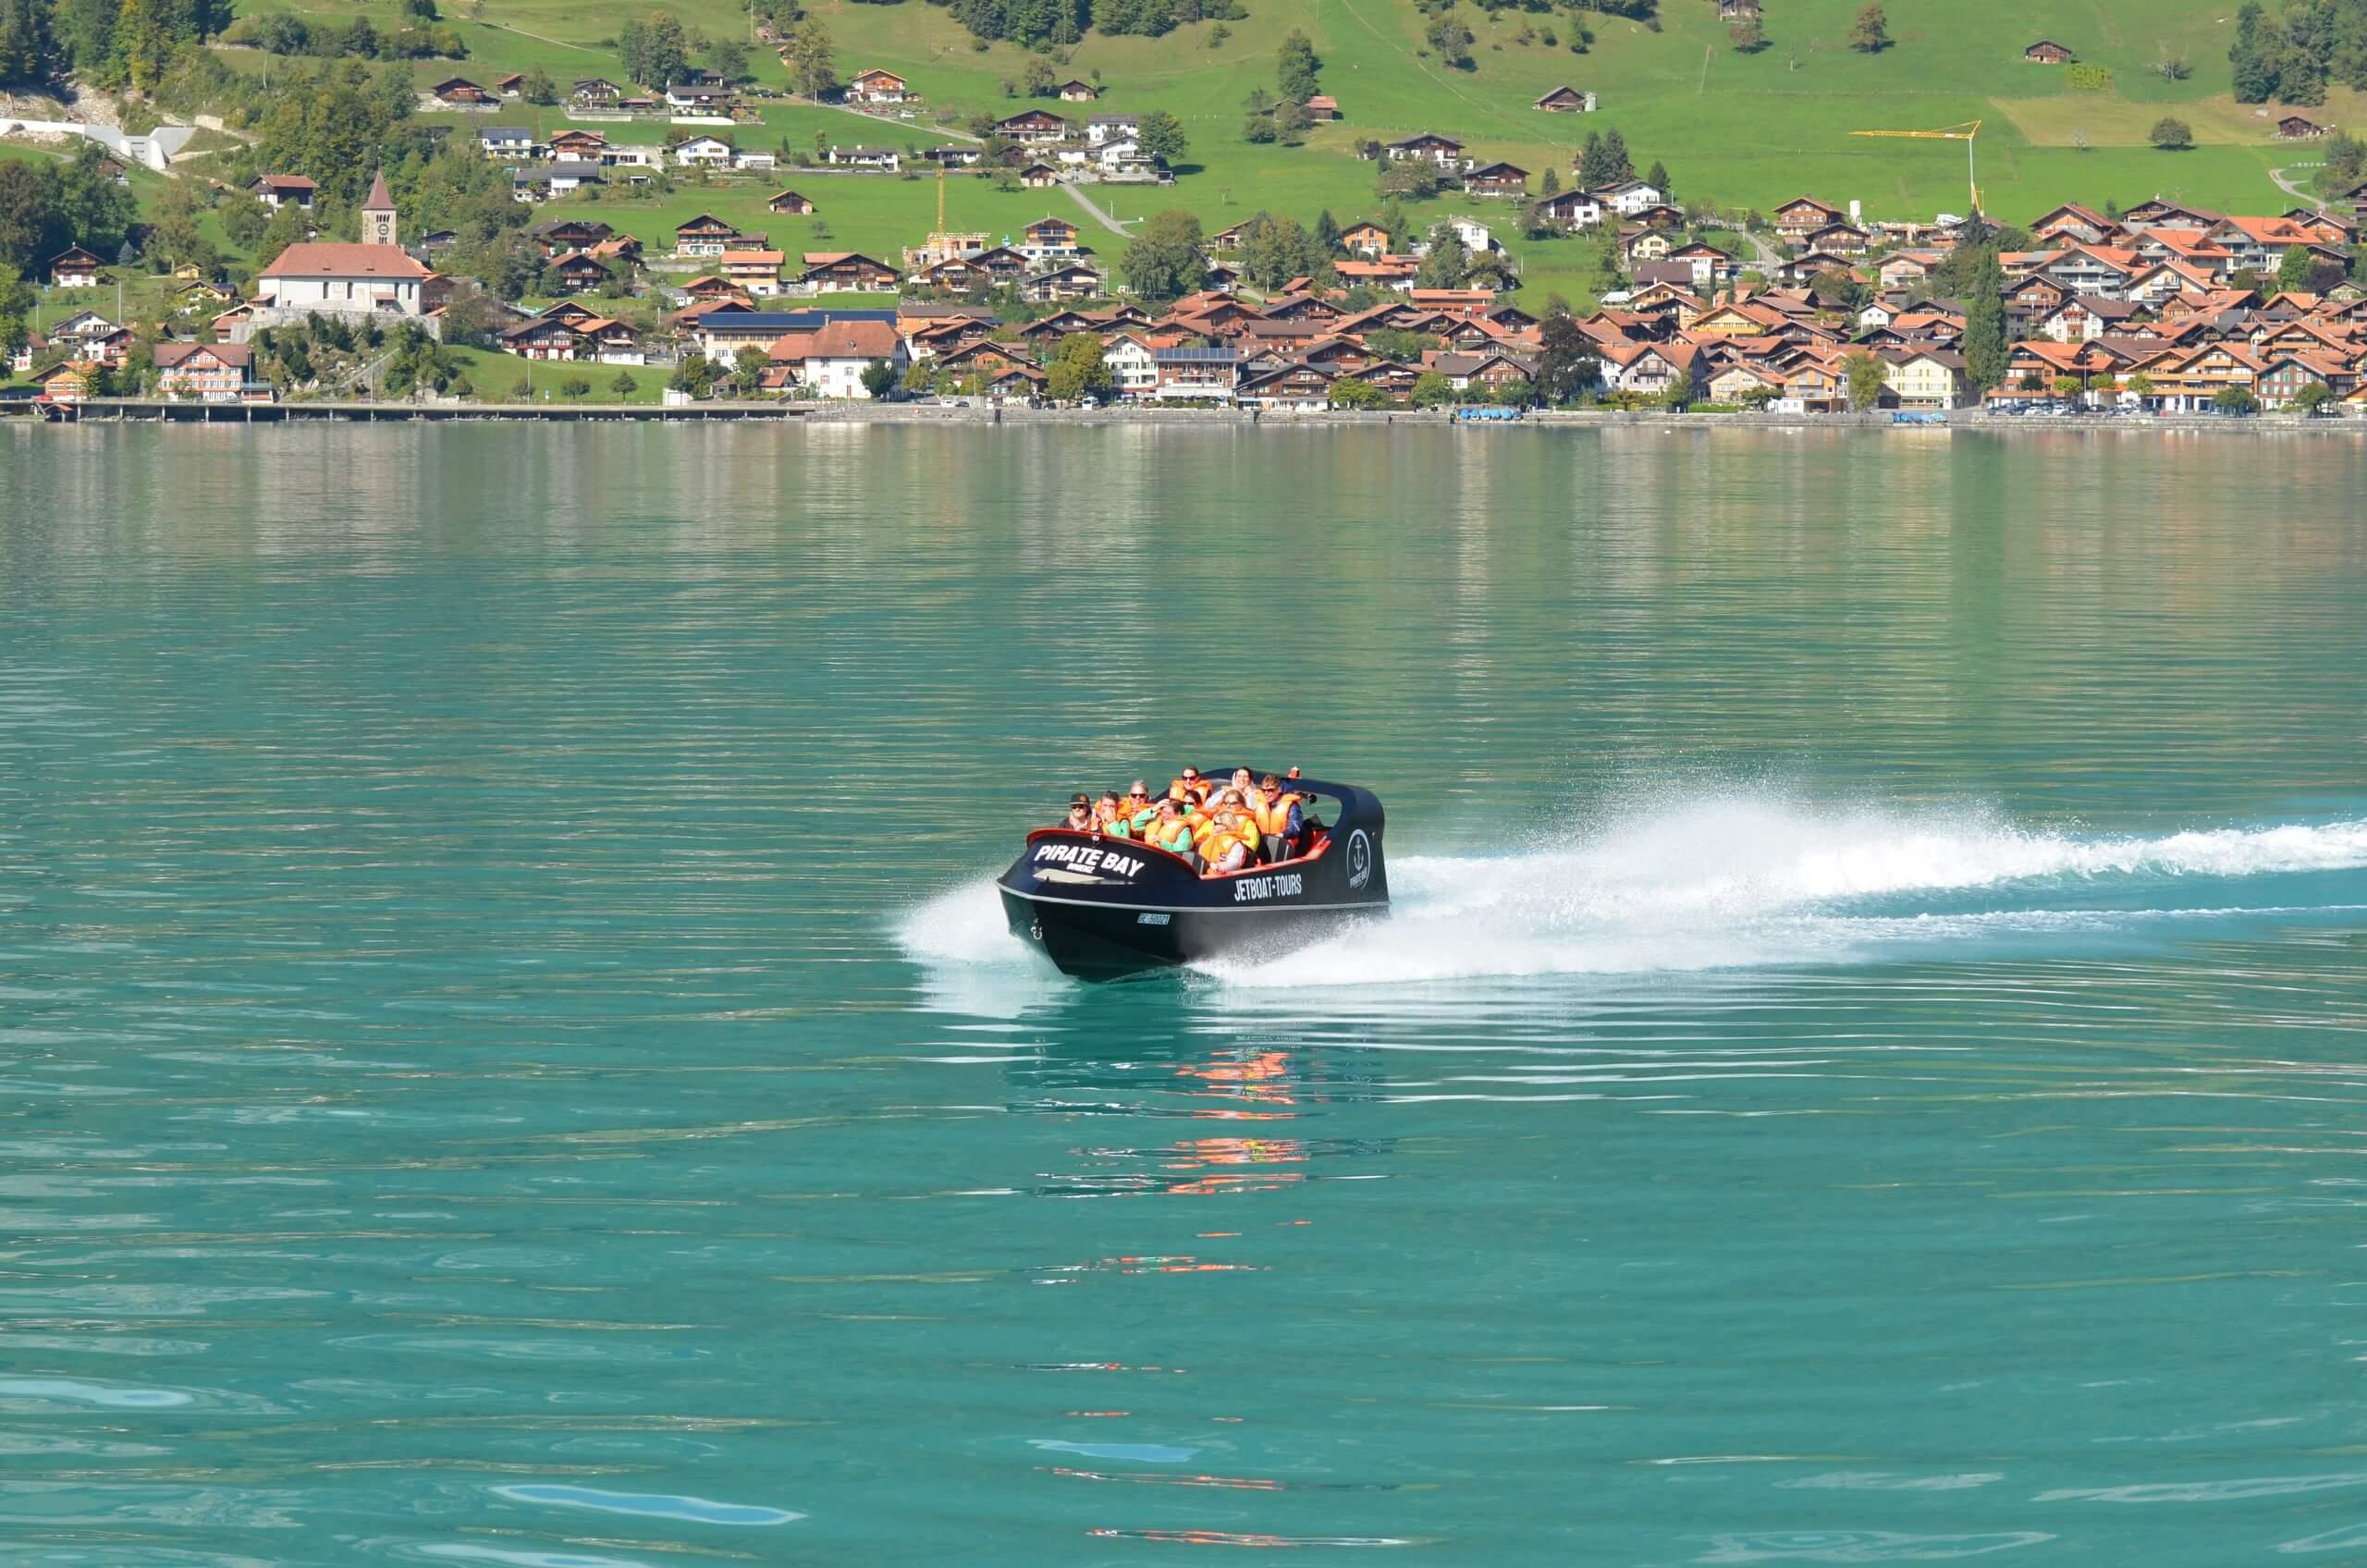 brienz-jetboat-priate-bay-sommer-brienzersee-dorf-naturkulisse